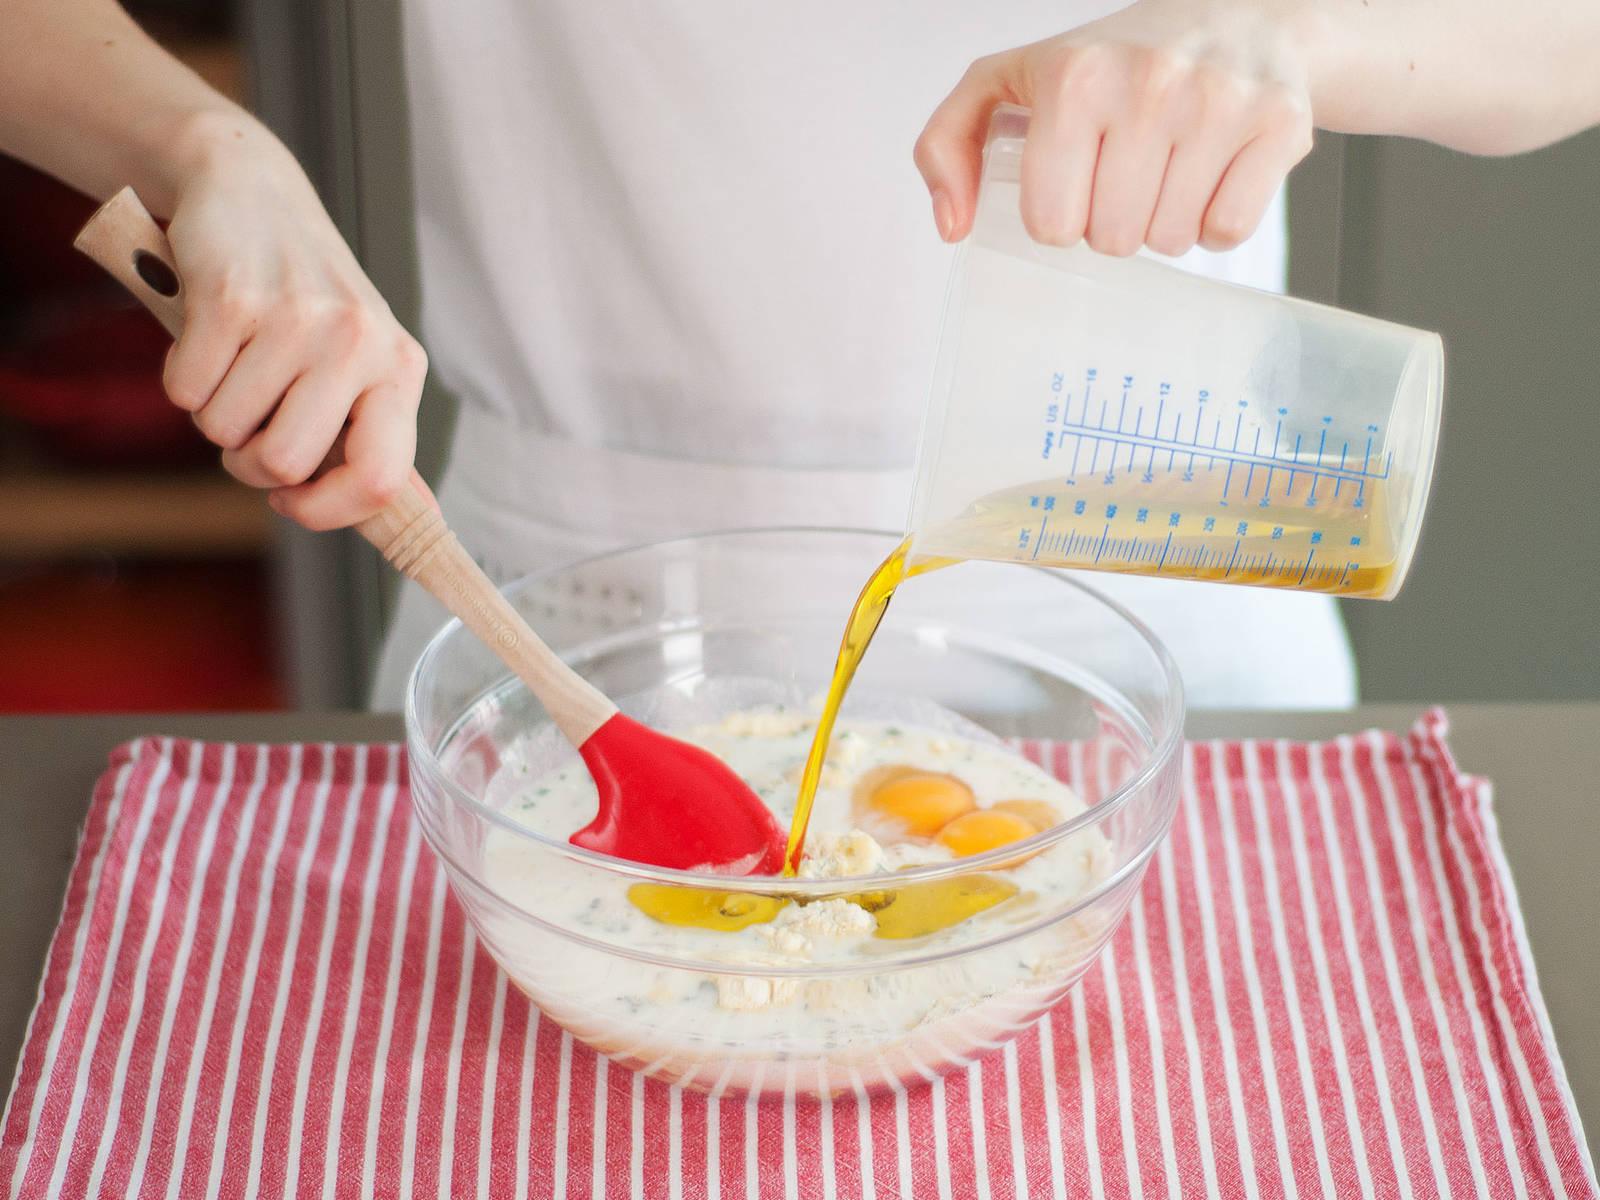 将牛奶、枫糖浆、搅打好的鸡蛋和油搅拌到一起,然后倒入面粉混合物中,搅匀。